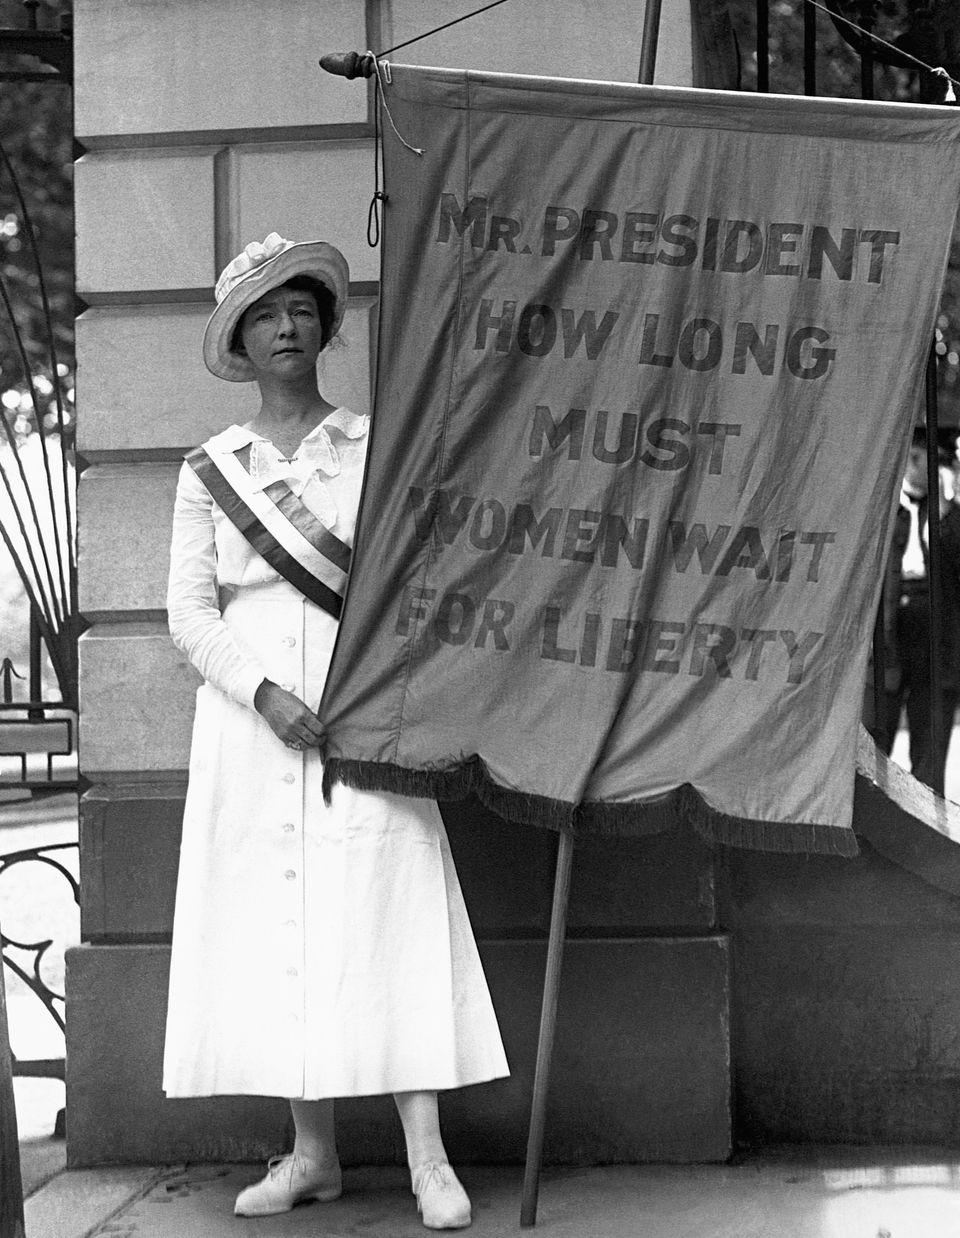 워싱턴DC 백악관 앞에서 피켓 시위를 벌이는 한 여성의 모습.